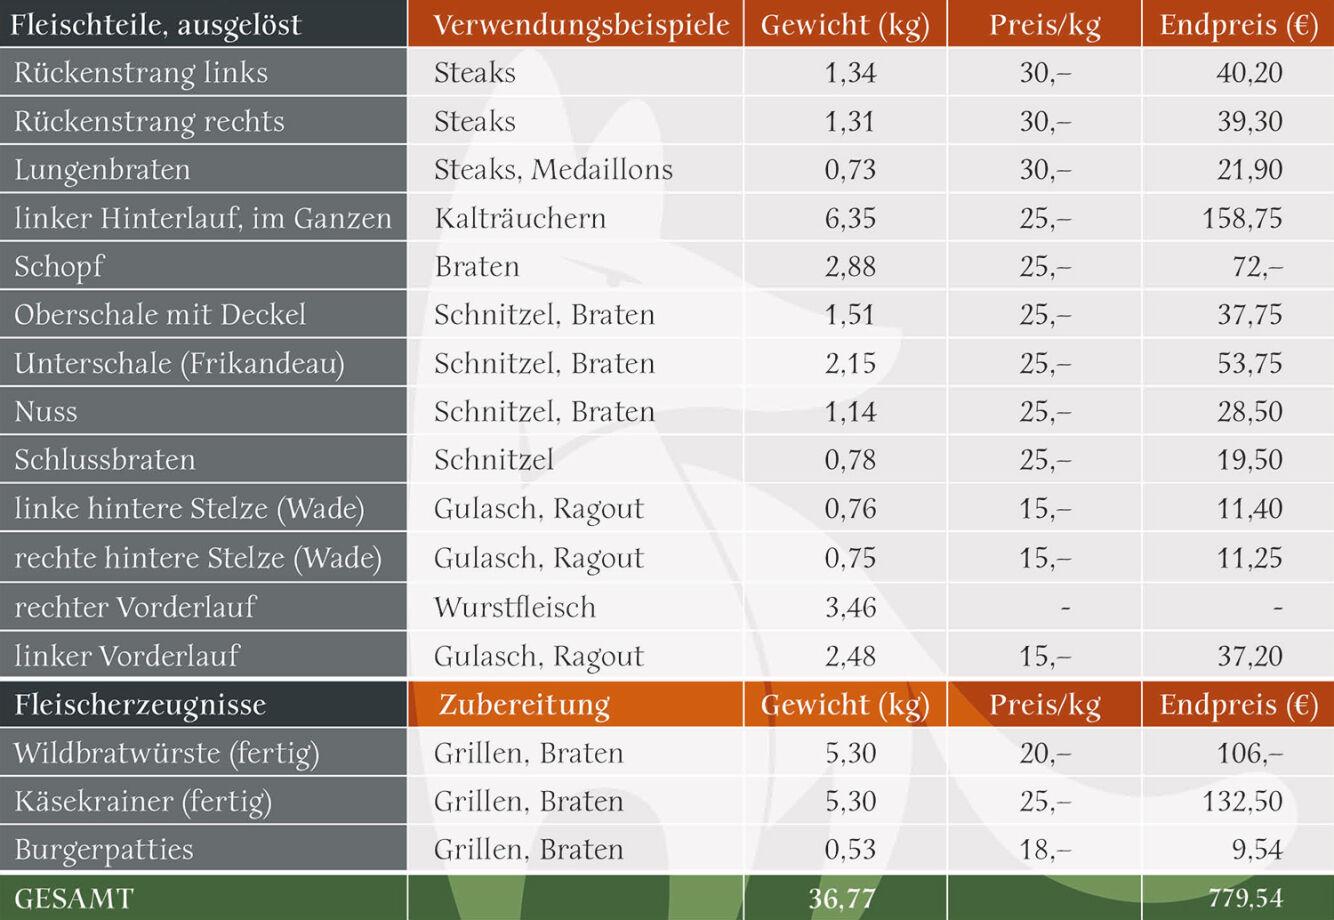 Tabelle: Ausbeute & Erlös - In der Tabelle sindsowohl die Fleischteile als auch die Fleischerzeugnisse, deren Gewichte und Preise übersichtlich dargestellt. - © Martin Grasberger